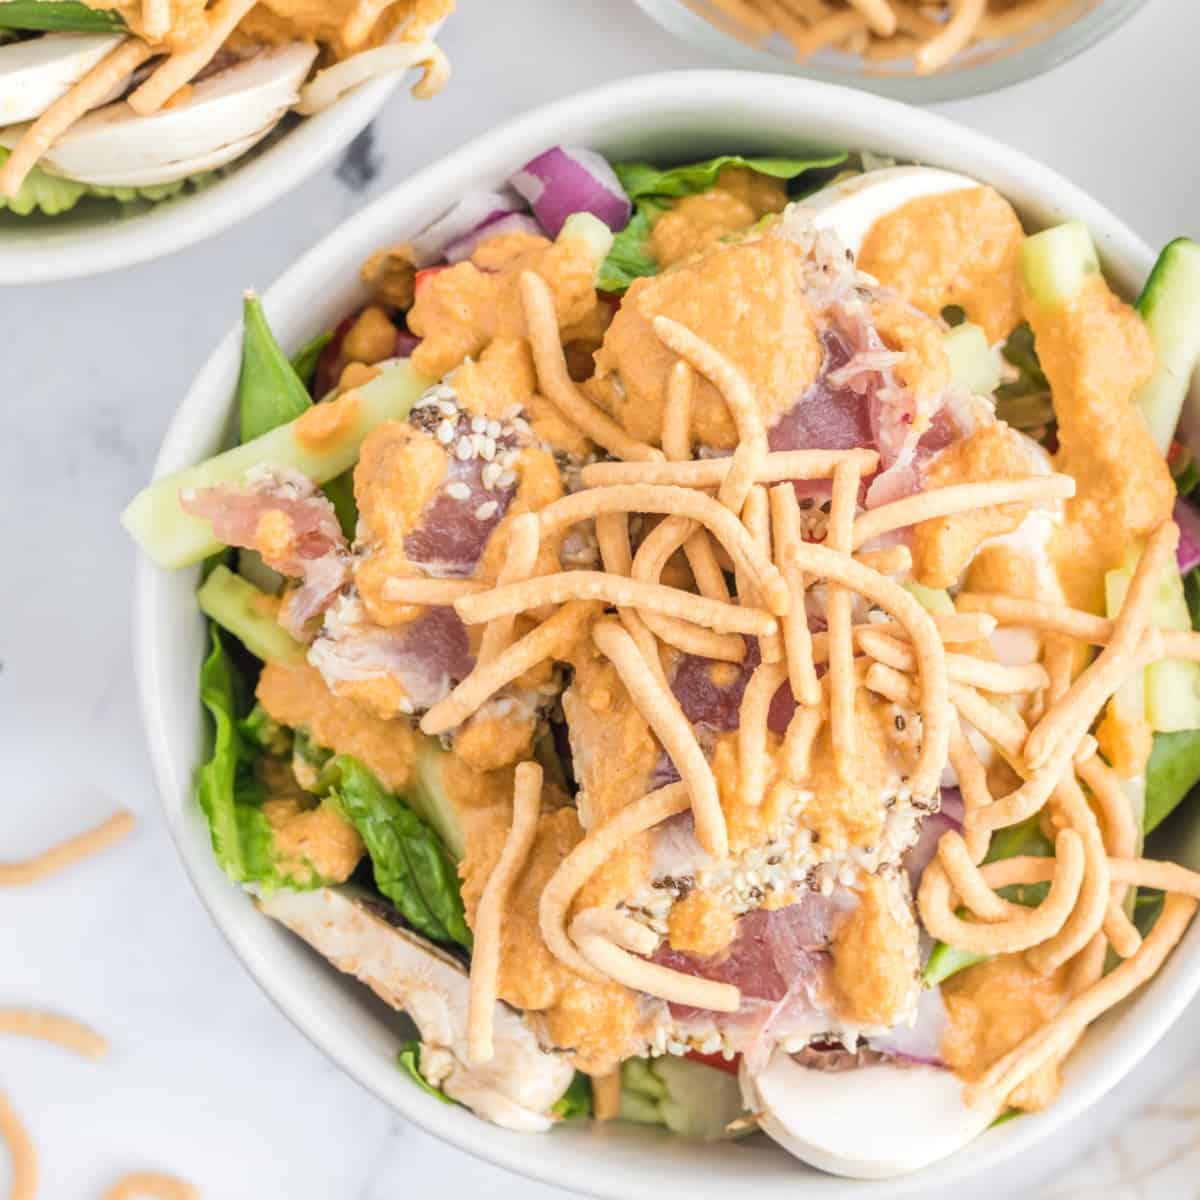 Overhead view of Ahi Tuna Salad